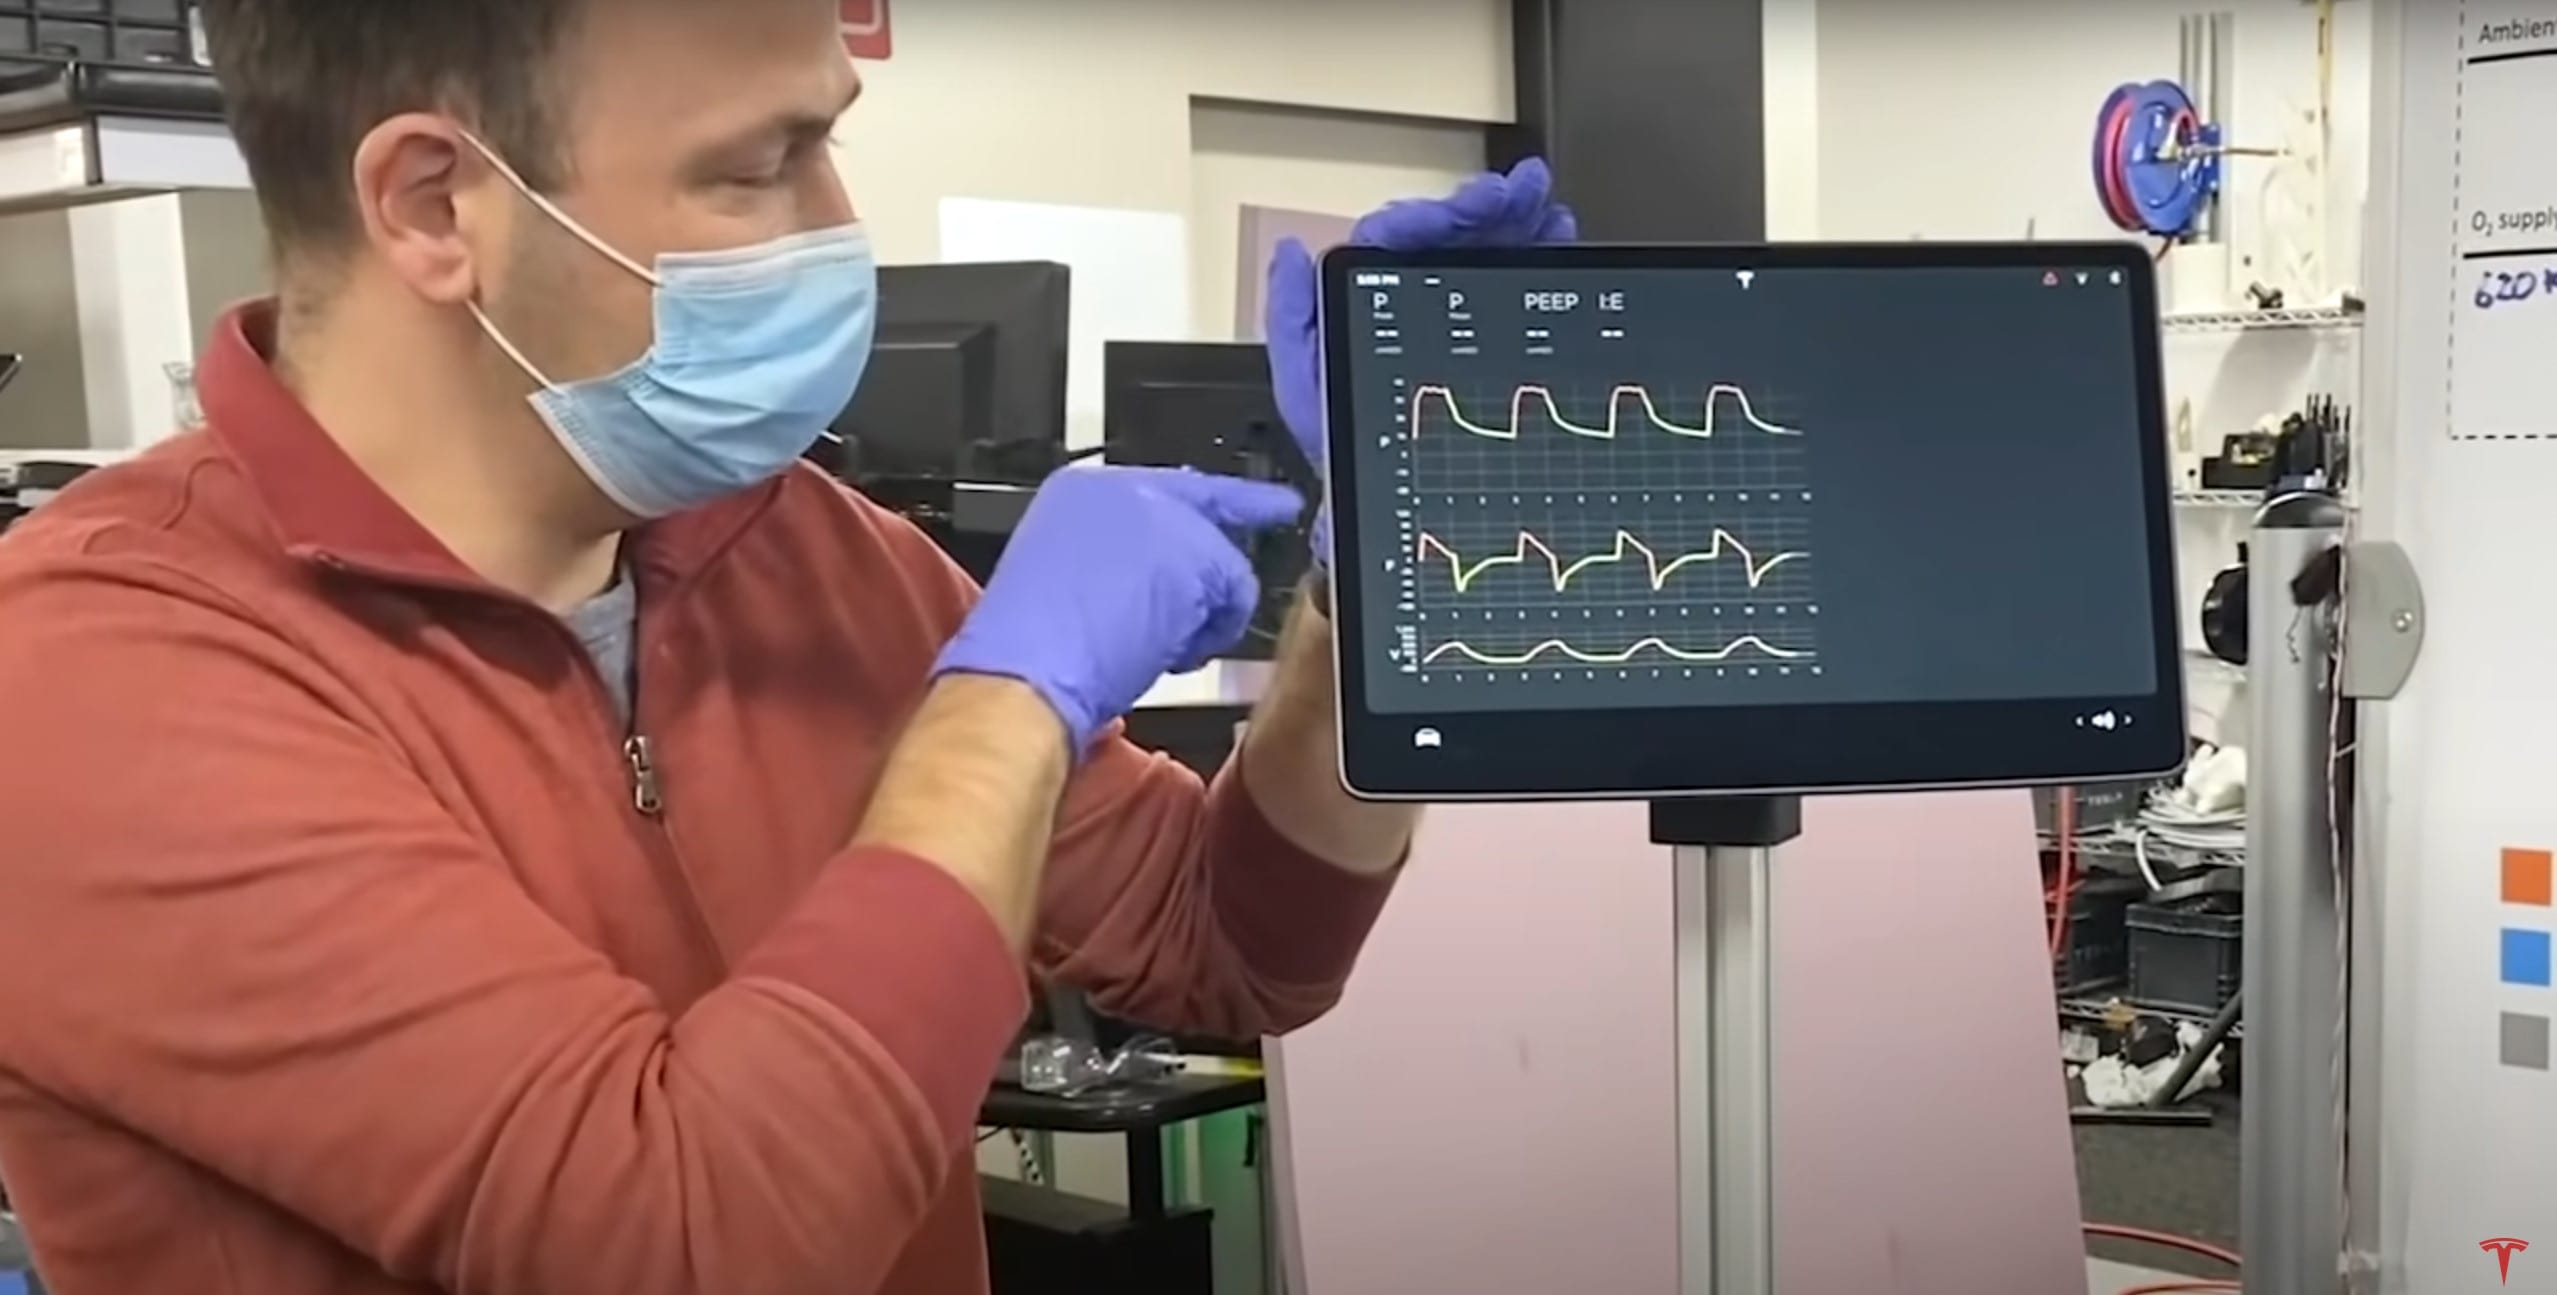 מהנדס של טסלה מציג אבטיפוס של מכונת הנשמה